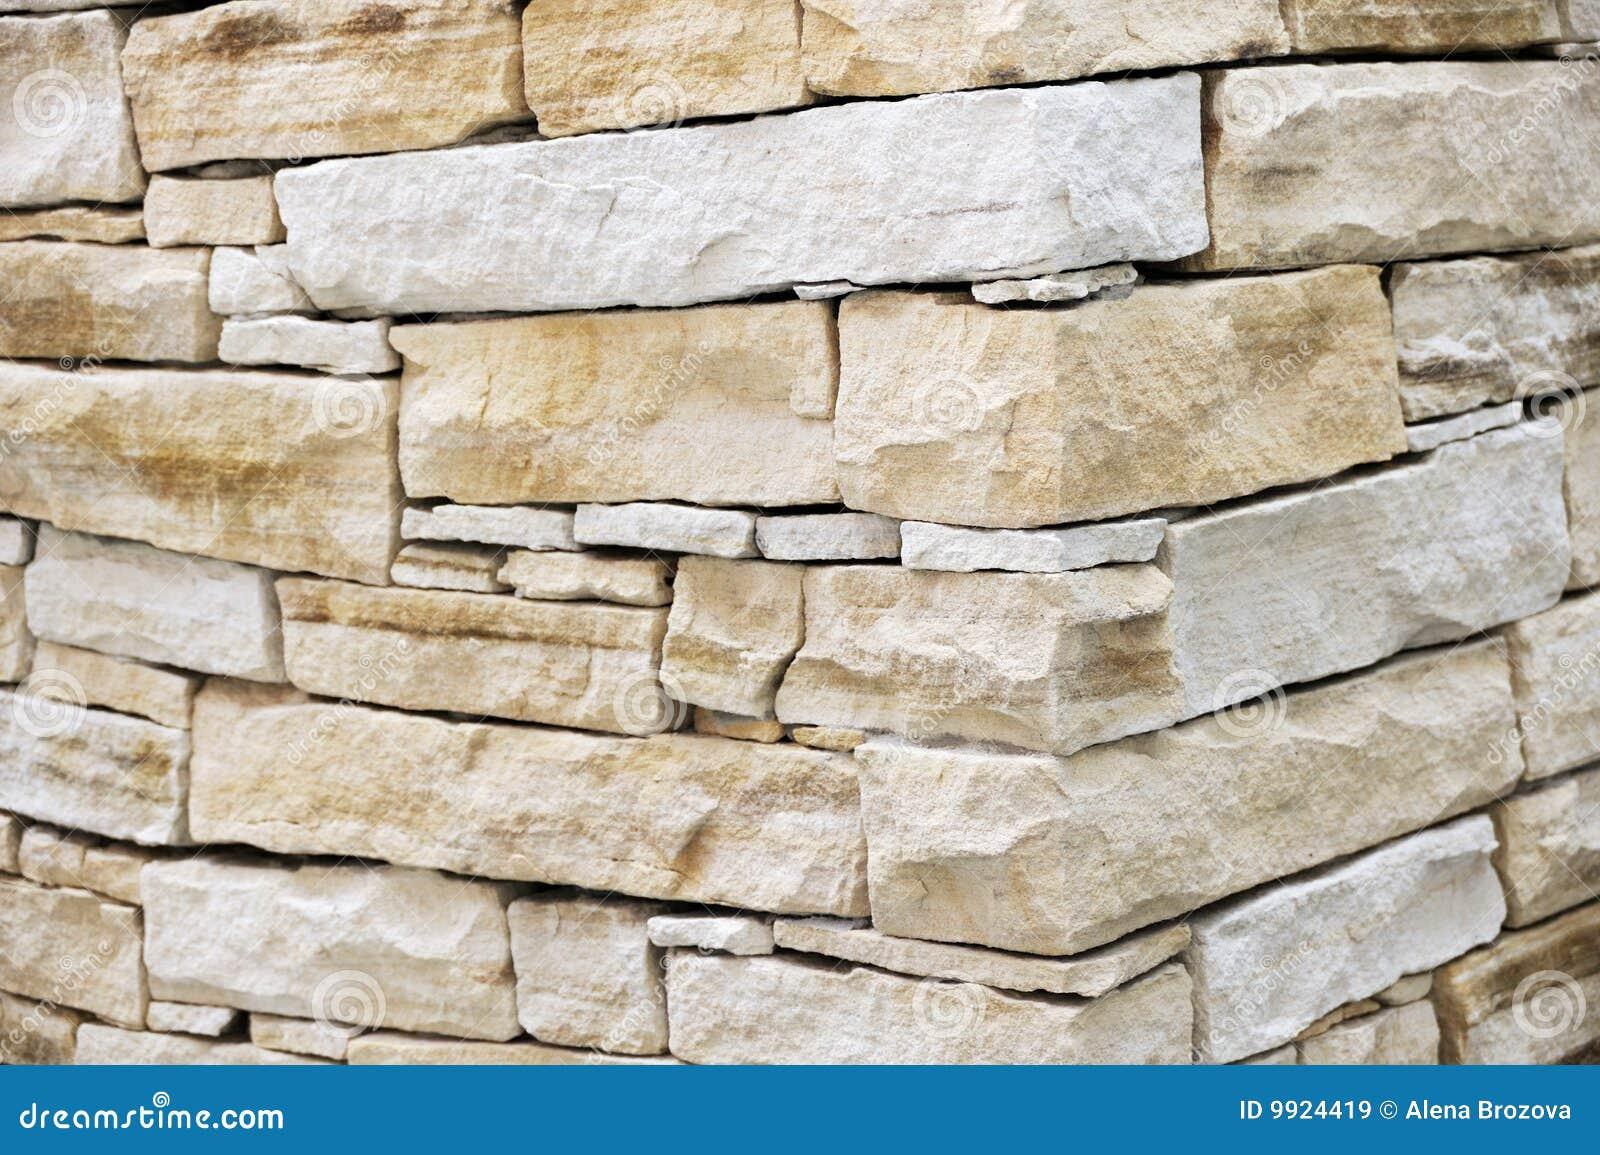 Pared hecha de ladrillos de la piedra arenisca im genes de - Ladrillos de piedra ...